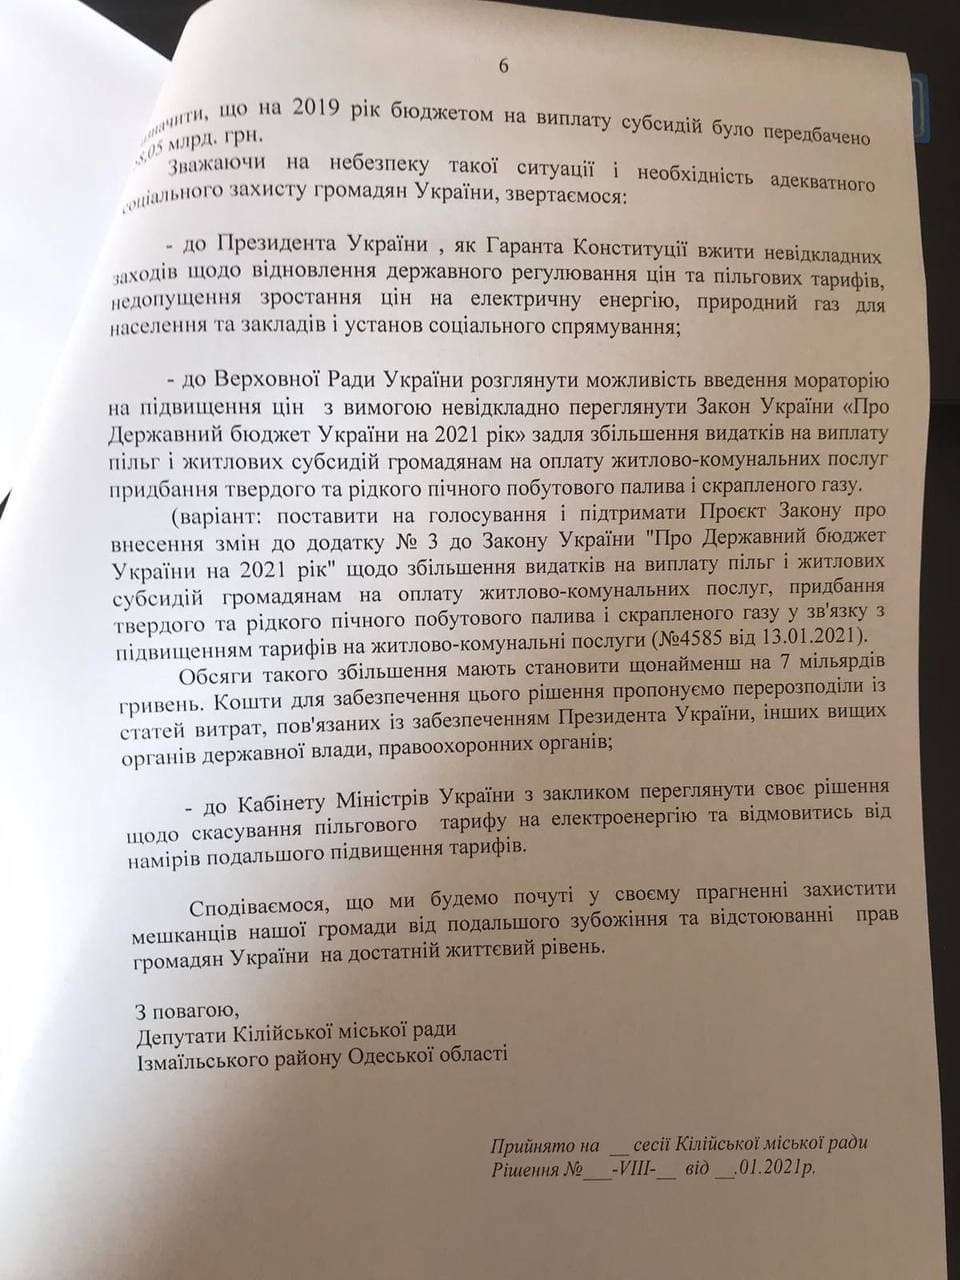 Ближайшую сессию Килийского горсовета созовут для протеста против подорожания тарифов ЖКХ - с инициативой выступила «Европейская солидарность»